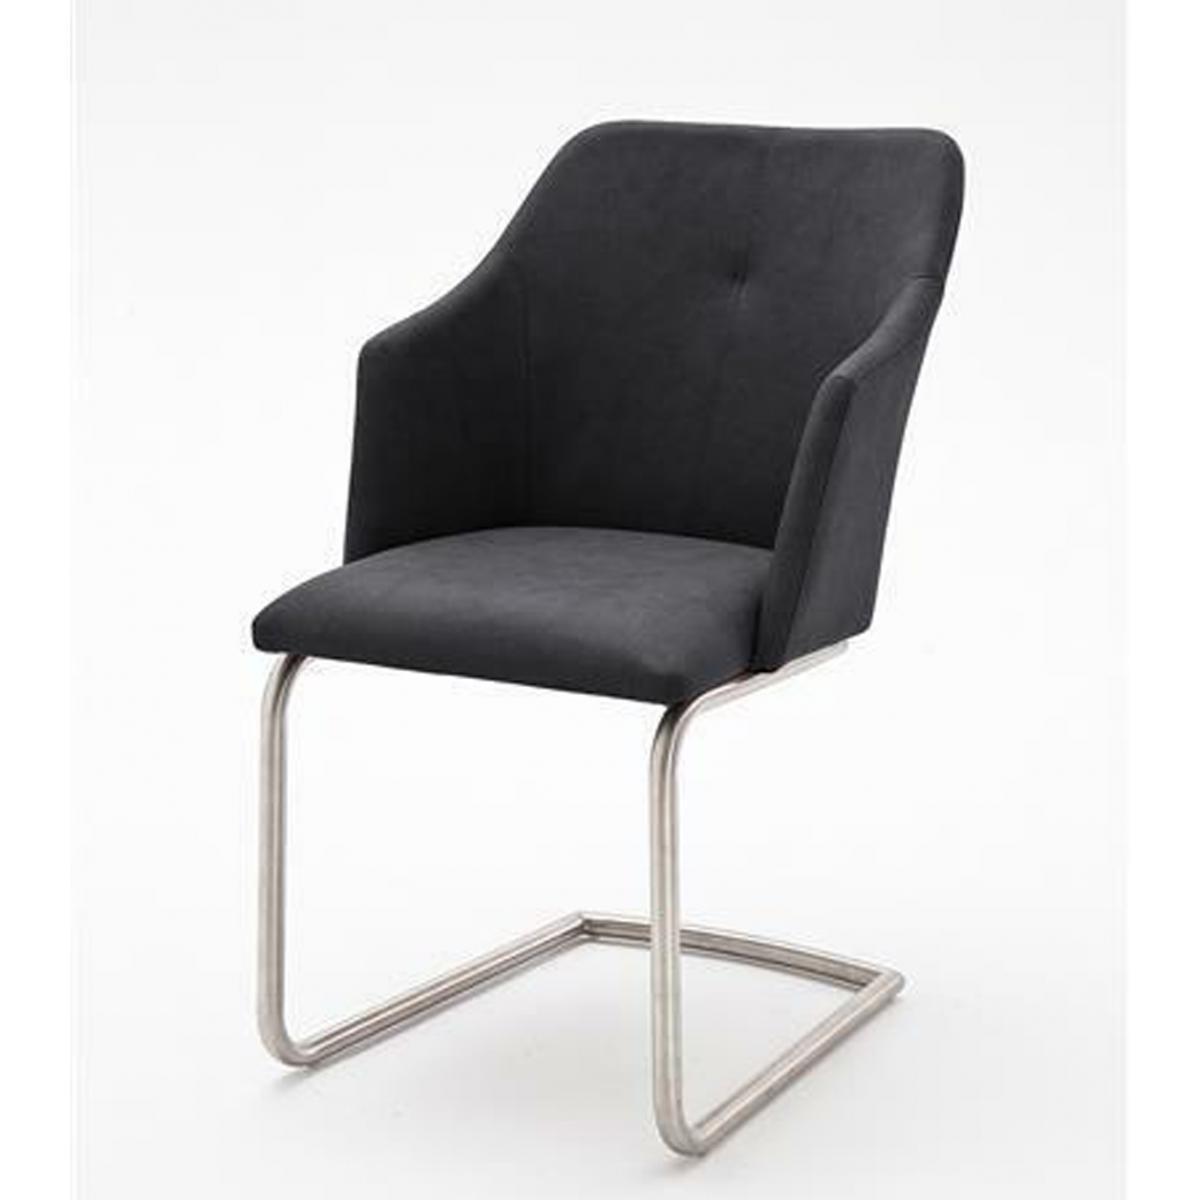 Pegane Lot de 2 chaises de salle à manger en acier et similicuir anthracite - L.54 x H.88 x P.62 cm -PEGANE-